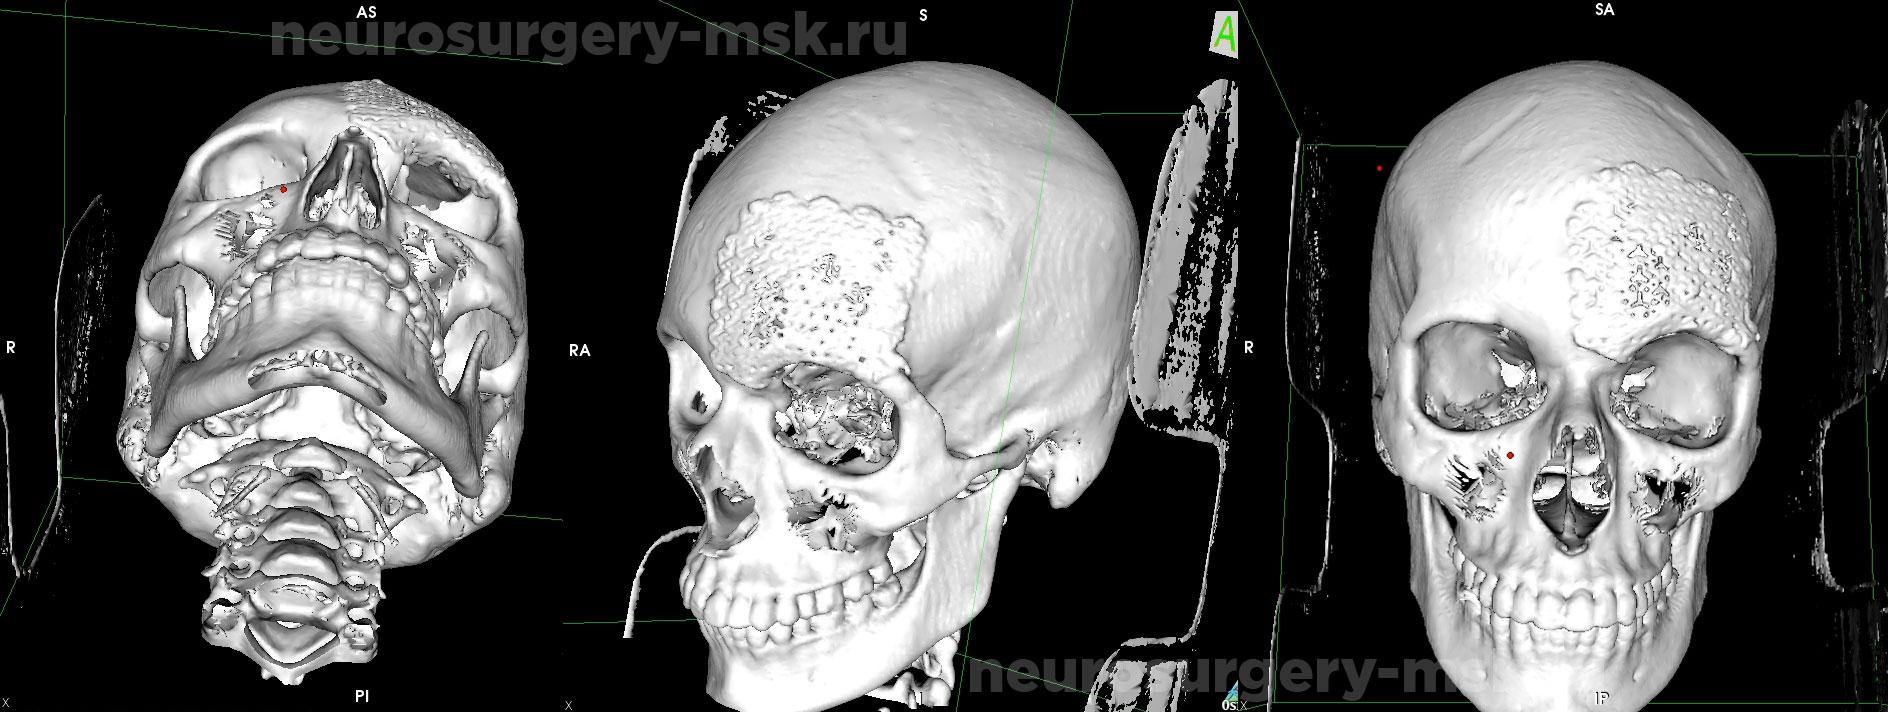 Дефект костей свода черепа в левой лобно-орбитальной области после операции